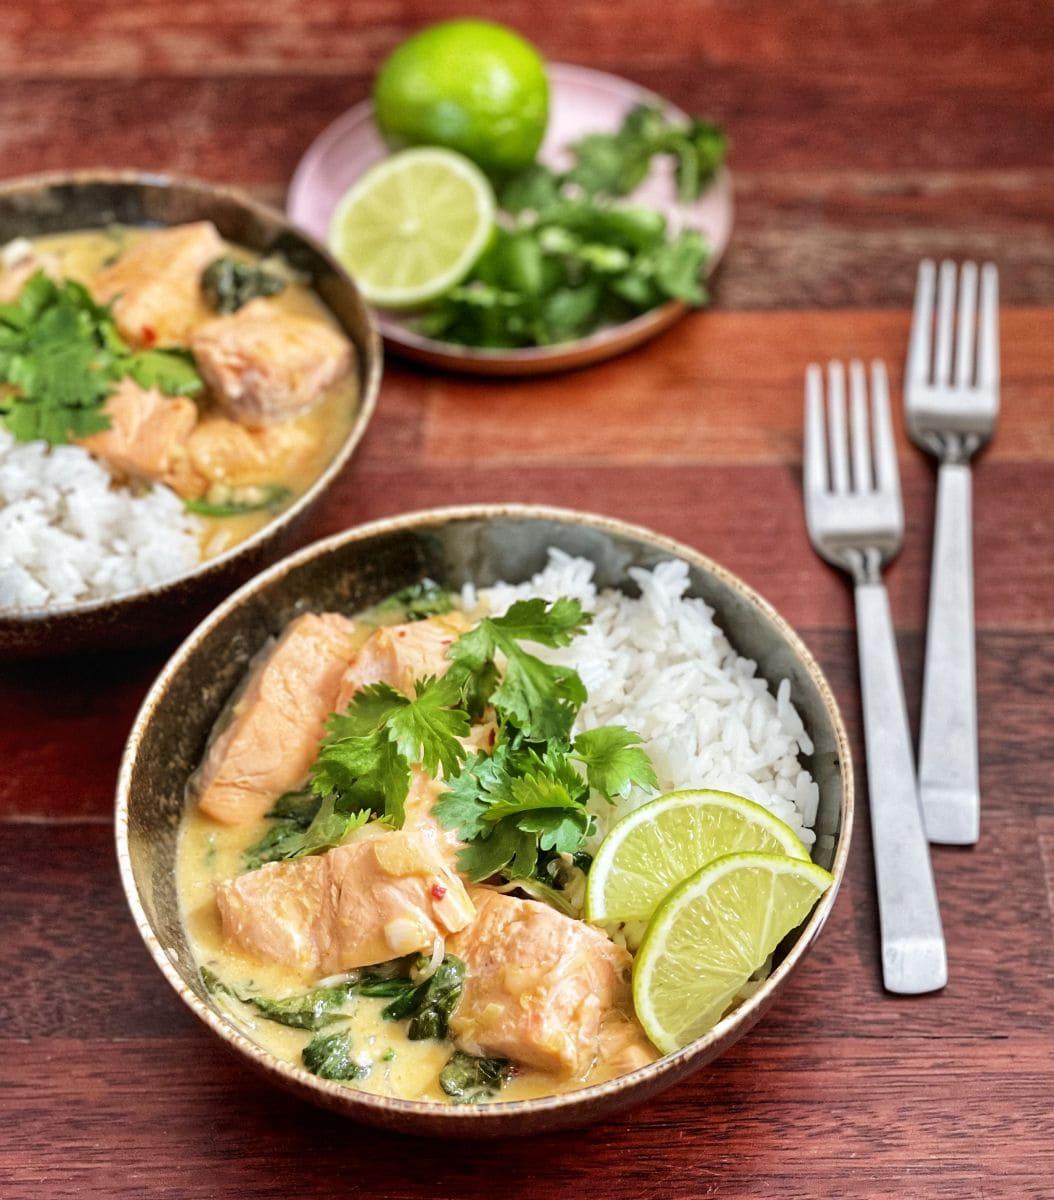 łosoś w sosie curry